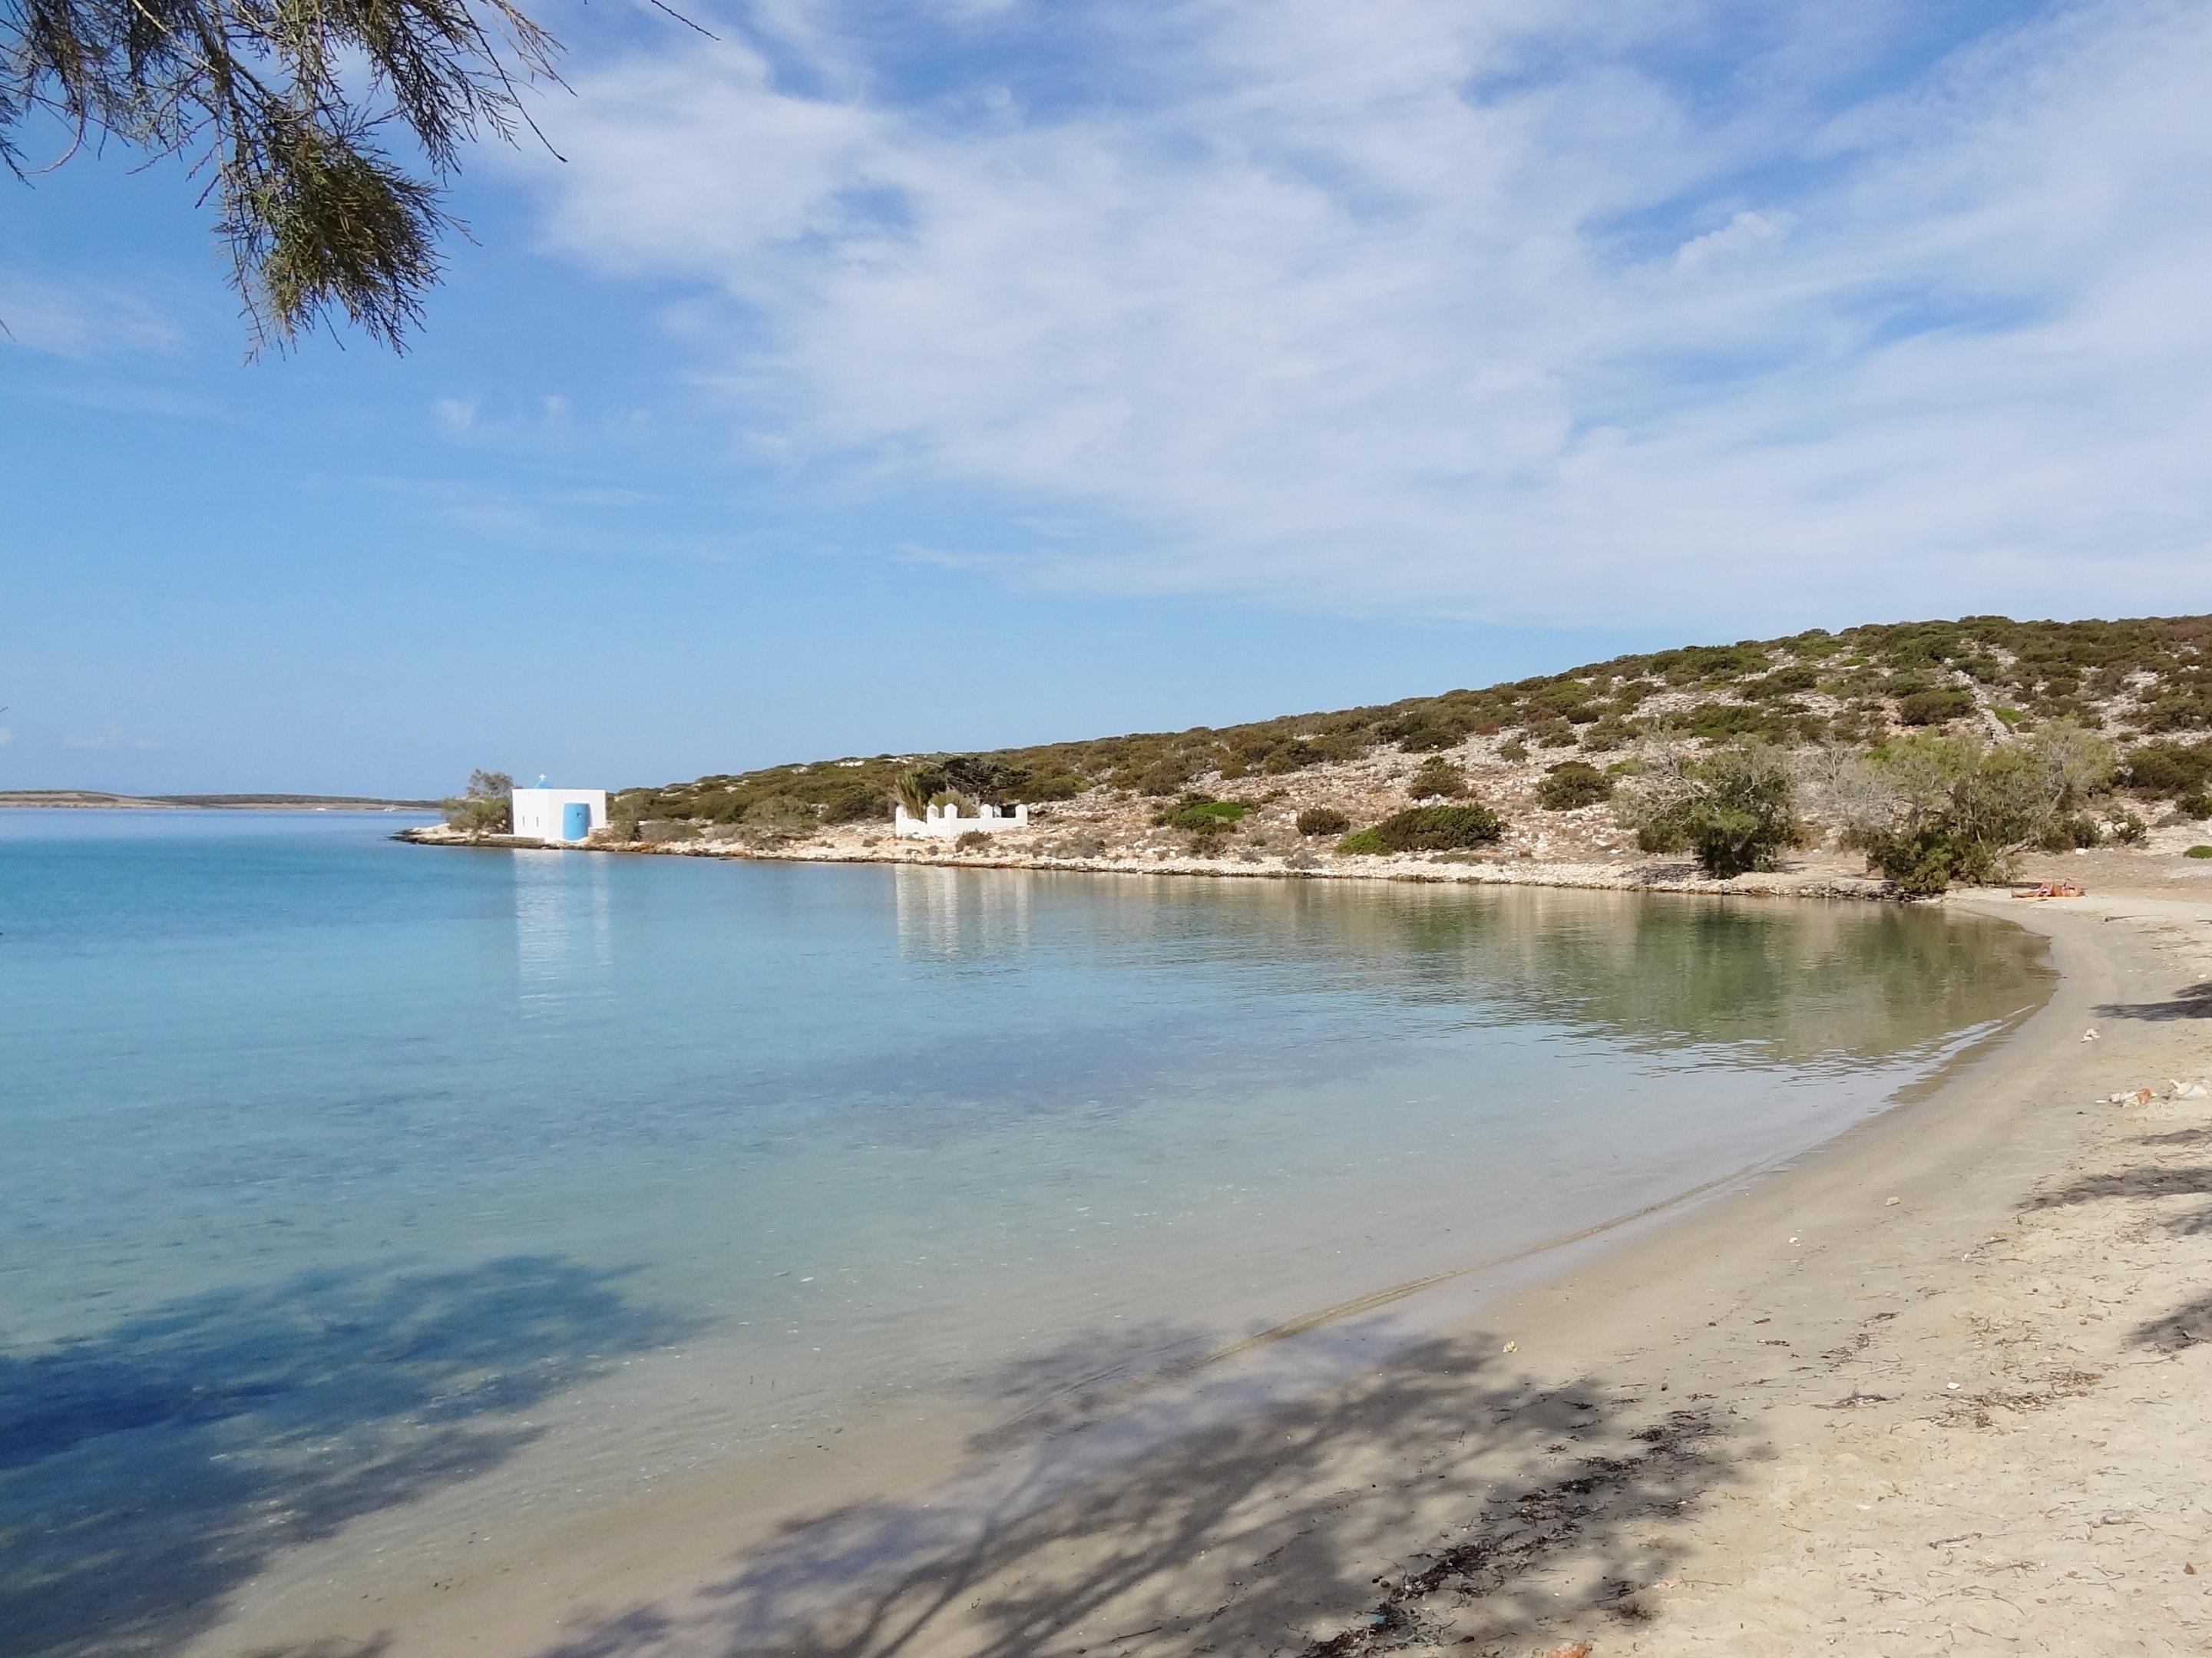 Holiday house Villa mit 2 Schlafzimmern in Paros mit herrlichem Meerblick, Pool, Terrasse (2201782), Paros, Paros, Cyclades, Greece, picture 20